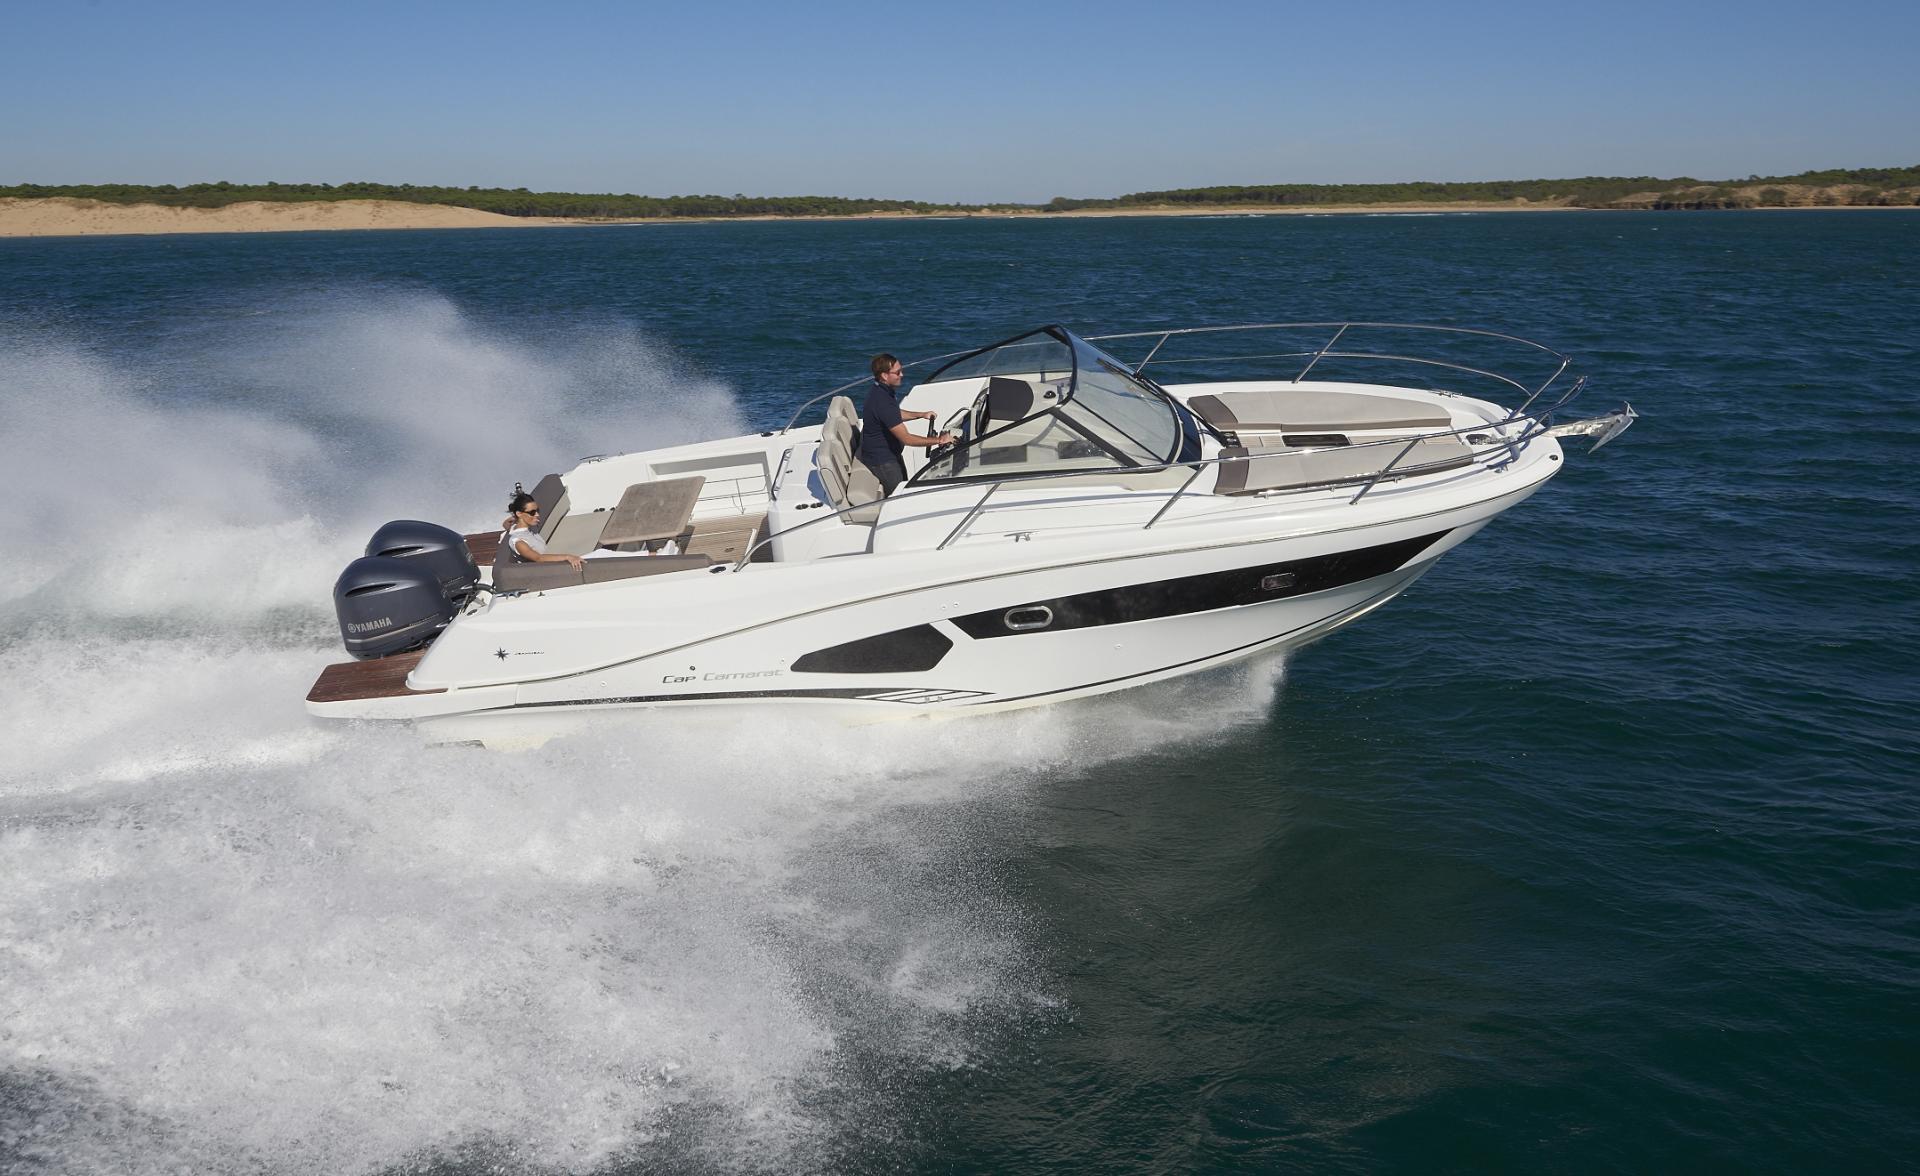 d couvrez le nouveau cap camara 10 5 wa cm nautisme assurez votre bateau en ligne. Black Bedroom Furniture Sets. Home Design Ideas